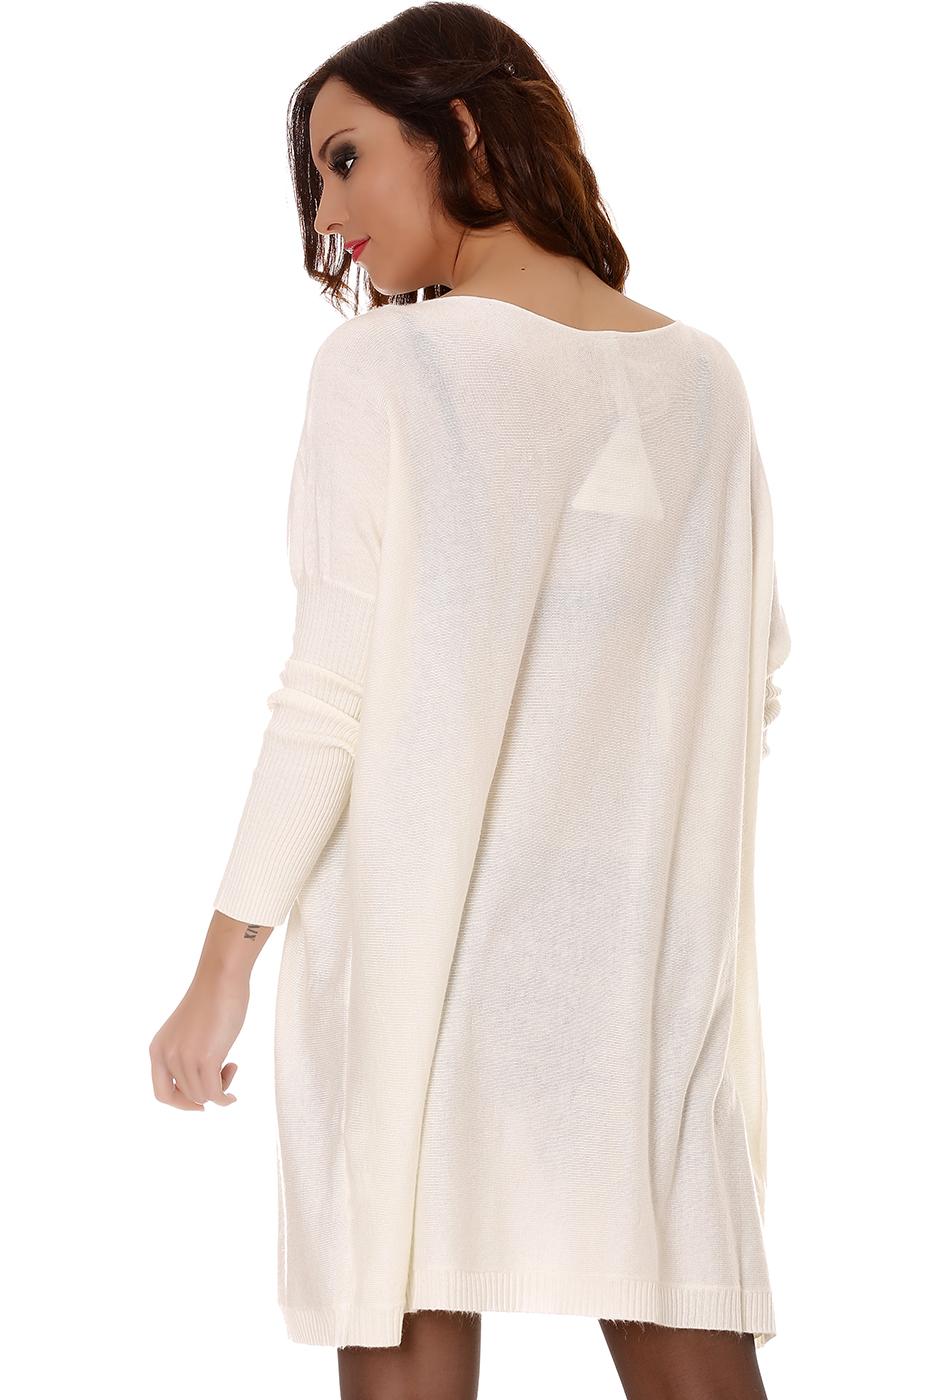 tunique blanche femme une tenue que j 39 appr cie. Black Bedroom Furniture Sets. Home Design Ideas